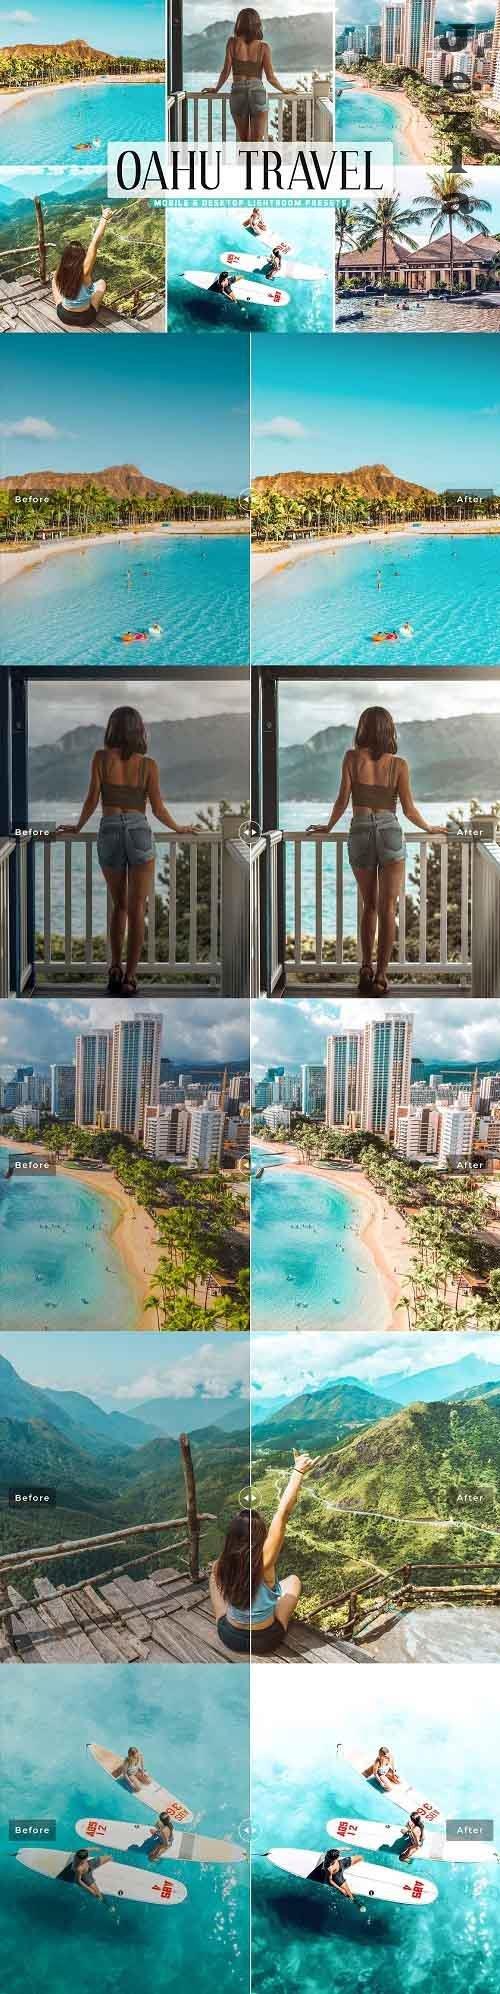 Oahu Travel Pro Lightroom Presets - 5387185 - Mobile & Desktop